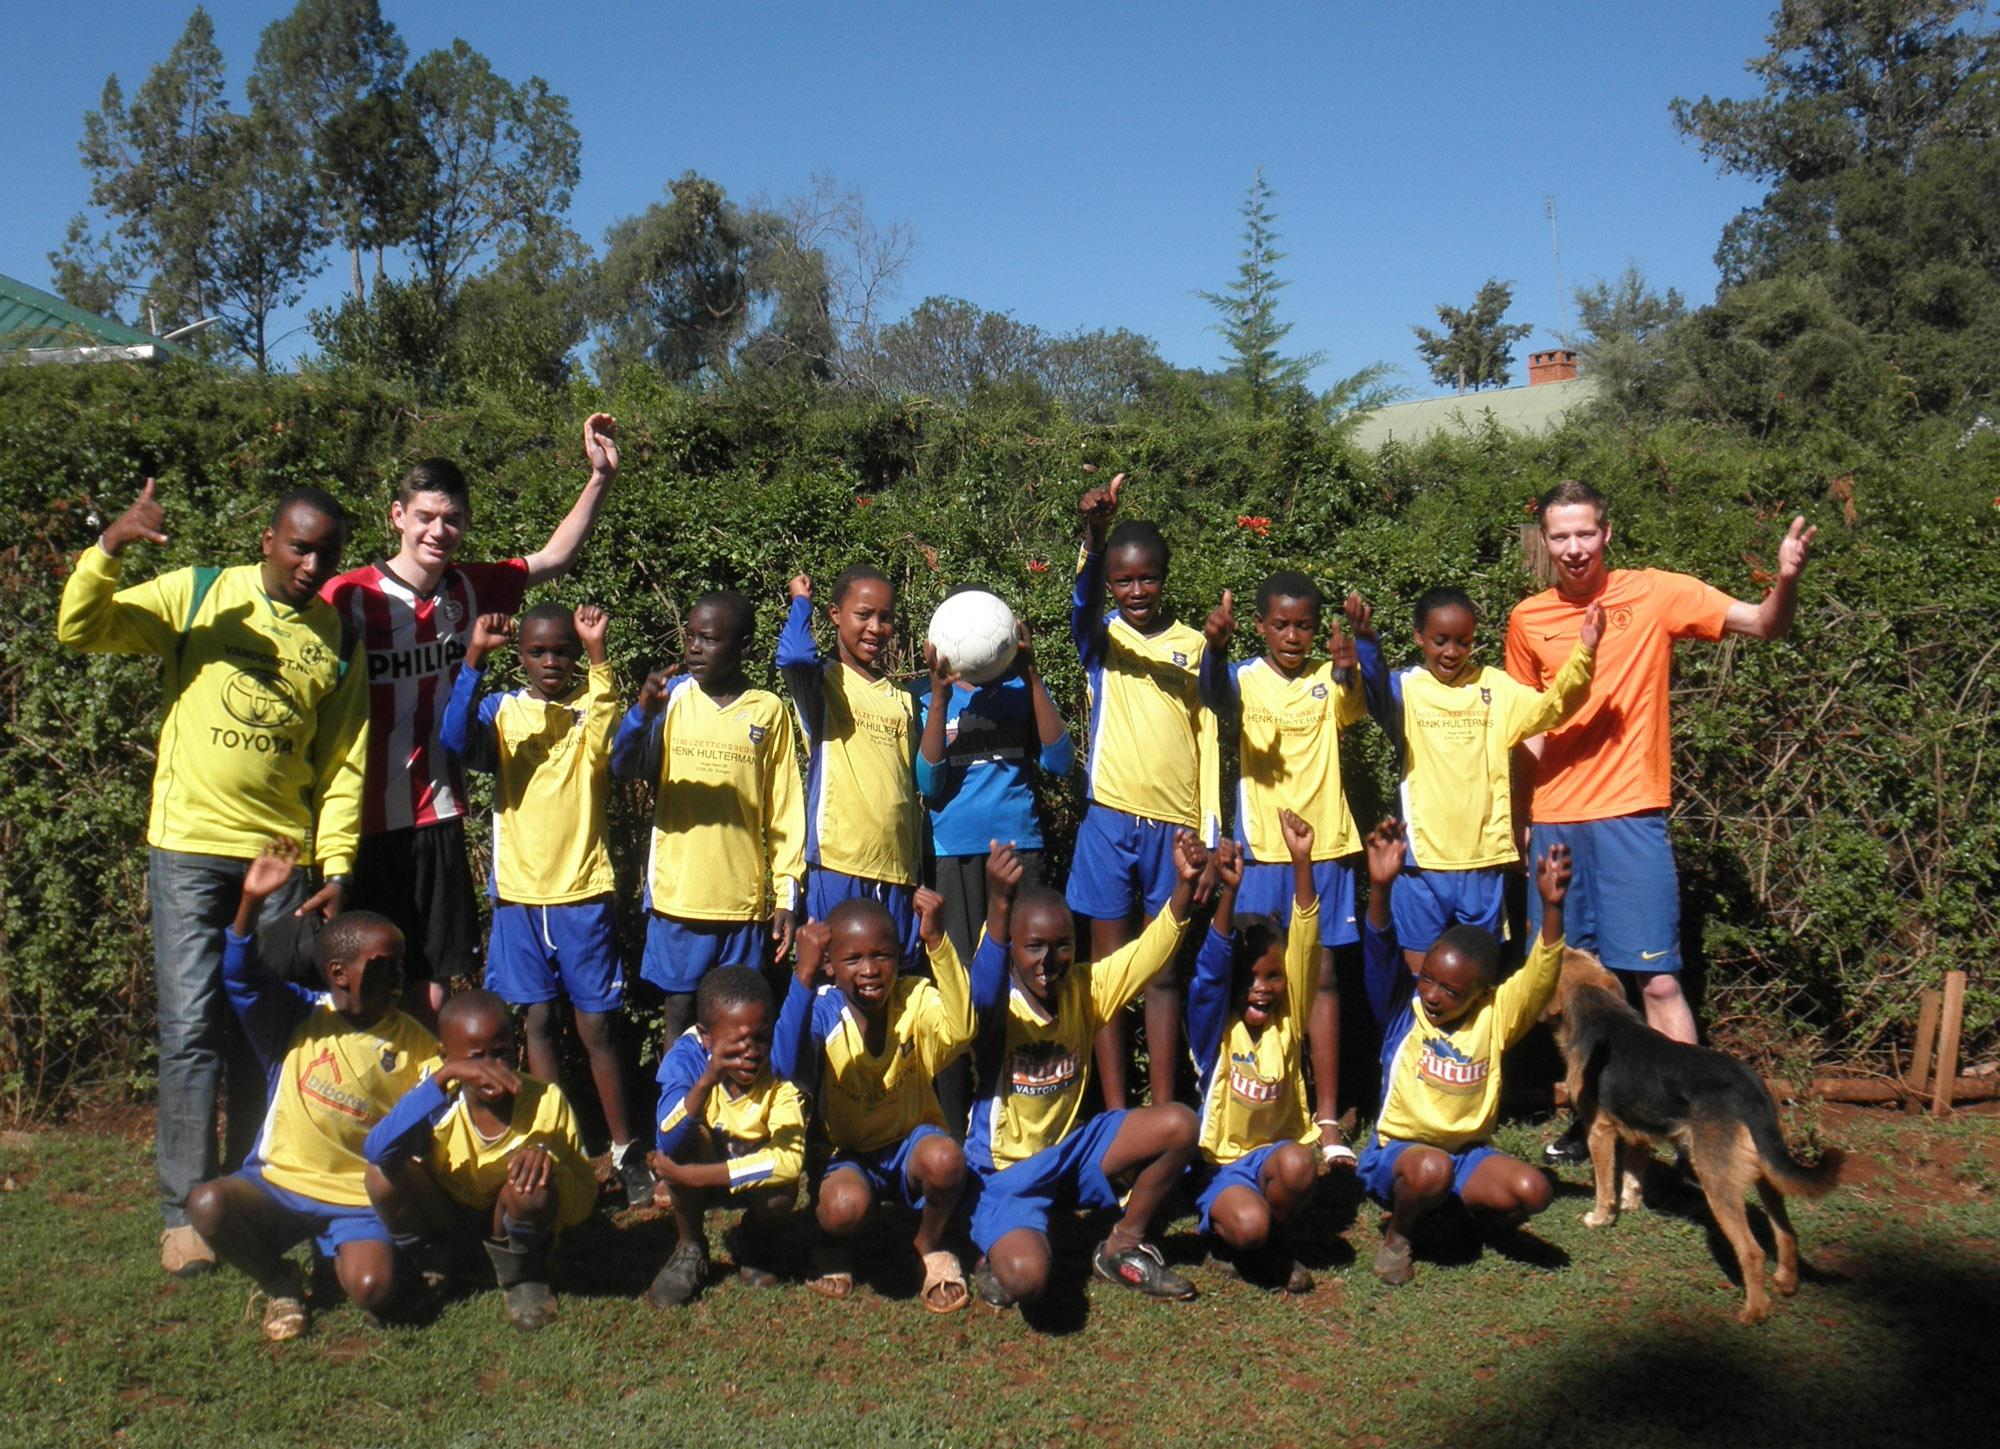 학교 축구팀의 회원들이 봉사자들과 함께 사진을 찍고 있다